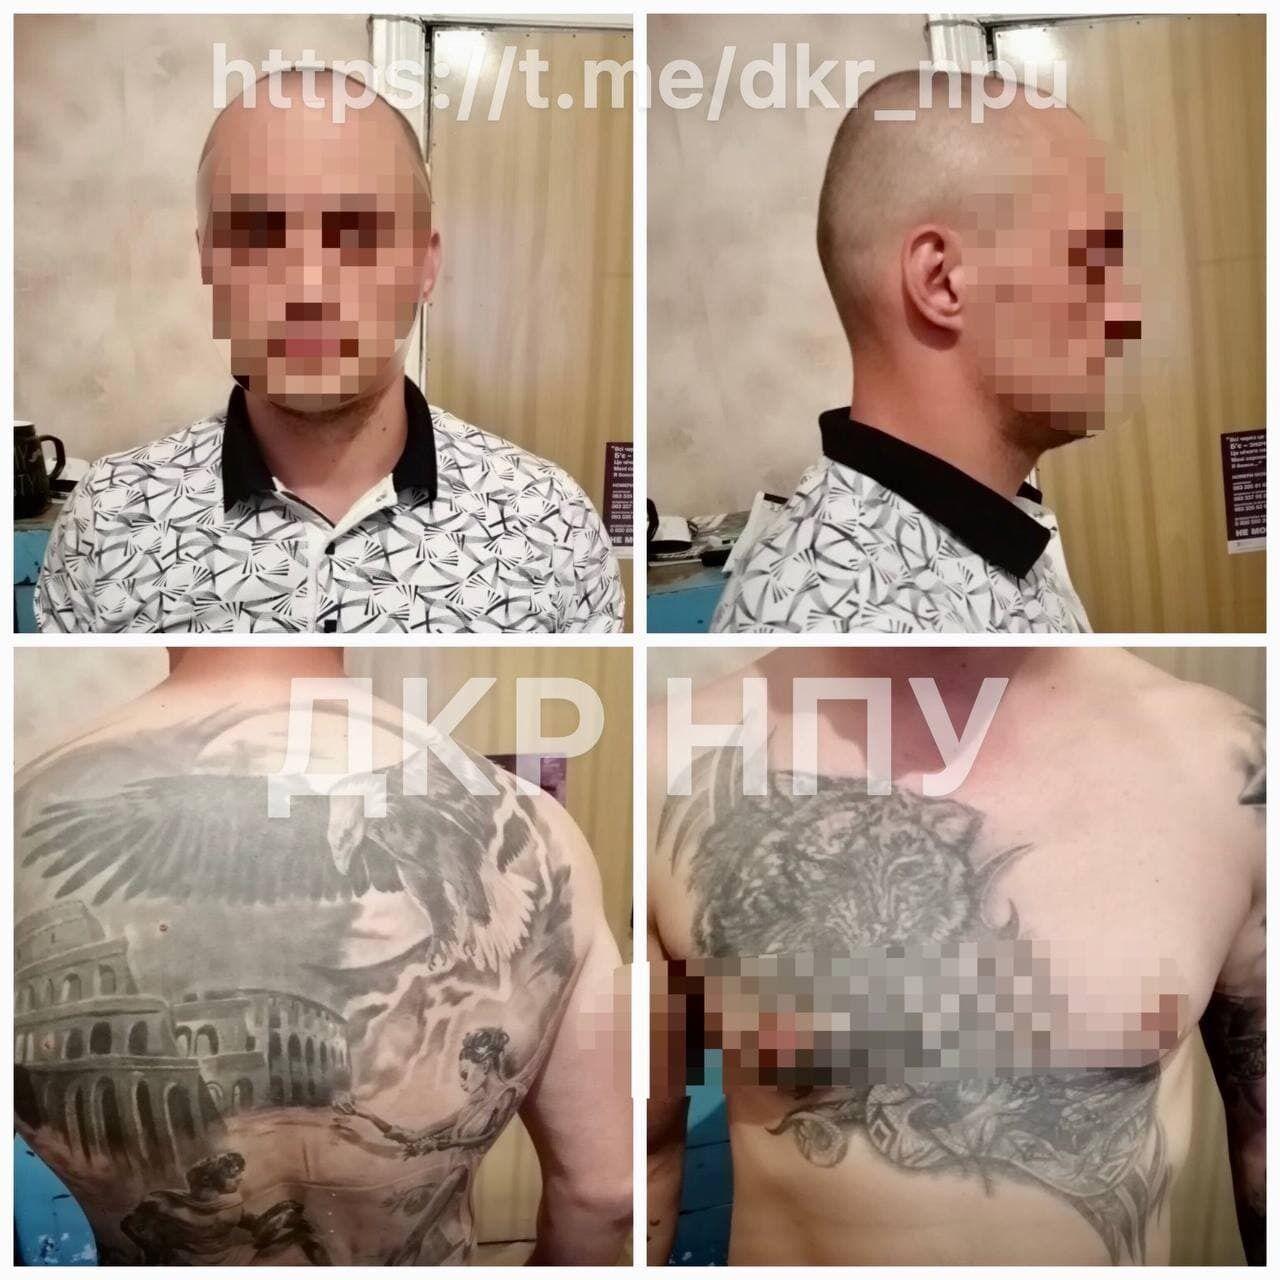 Зловмисника затримали під час спроби покинути Кирилівку, де трапилася стрілянина